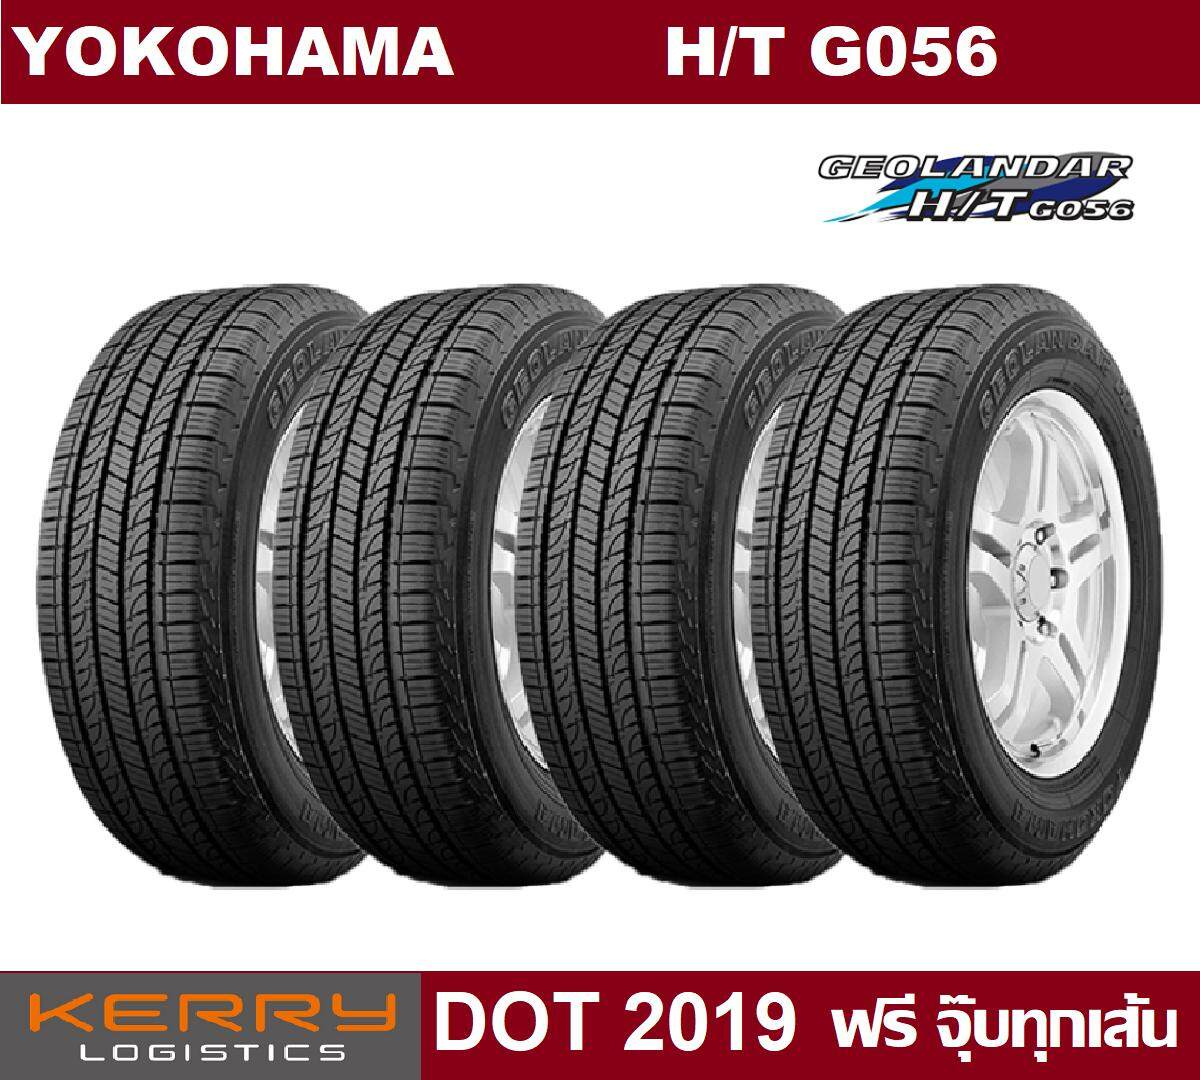 ประกันภัย รถยนต์ แบบ ผ่อน ได้ เชียงใหม่ ยางรถยนต์ Yokohama รุ่น Geolandar H/T G056 ขนาด 265/75R16 จำนวน 4 เส้น (2019)